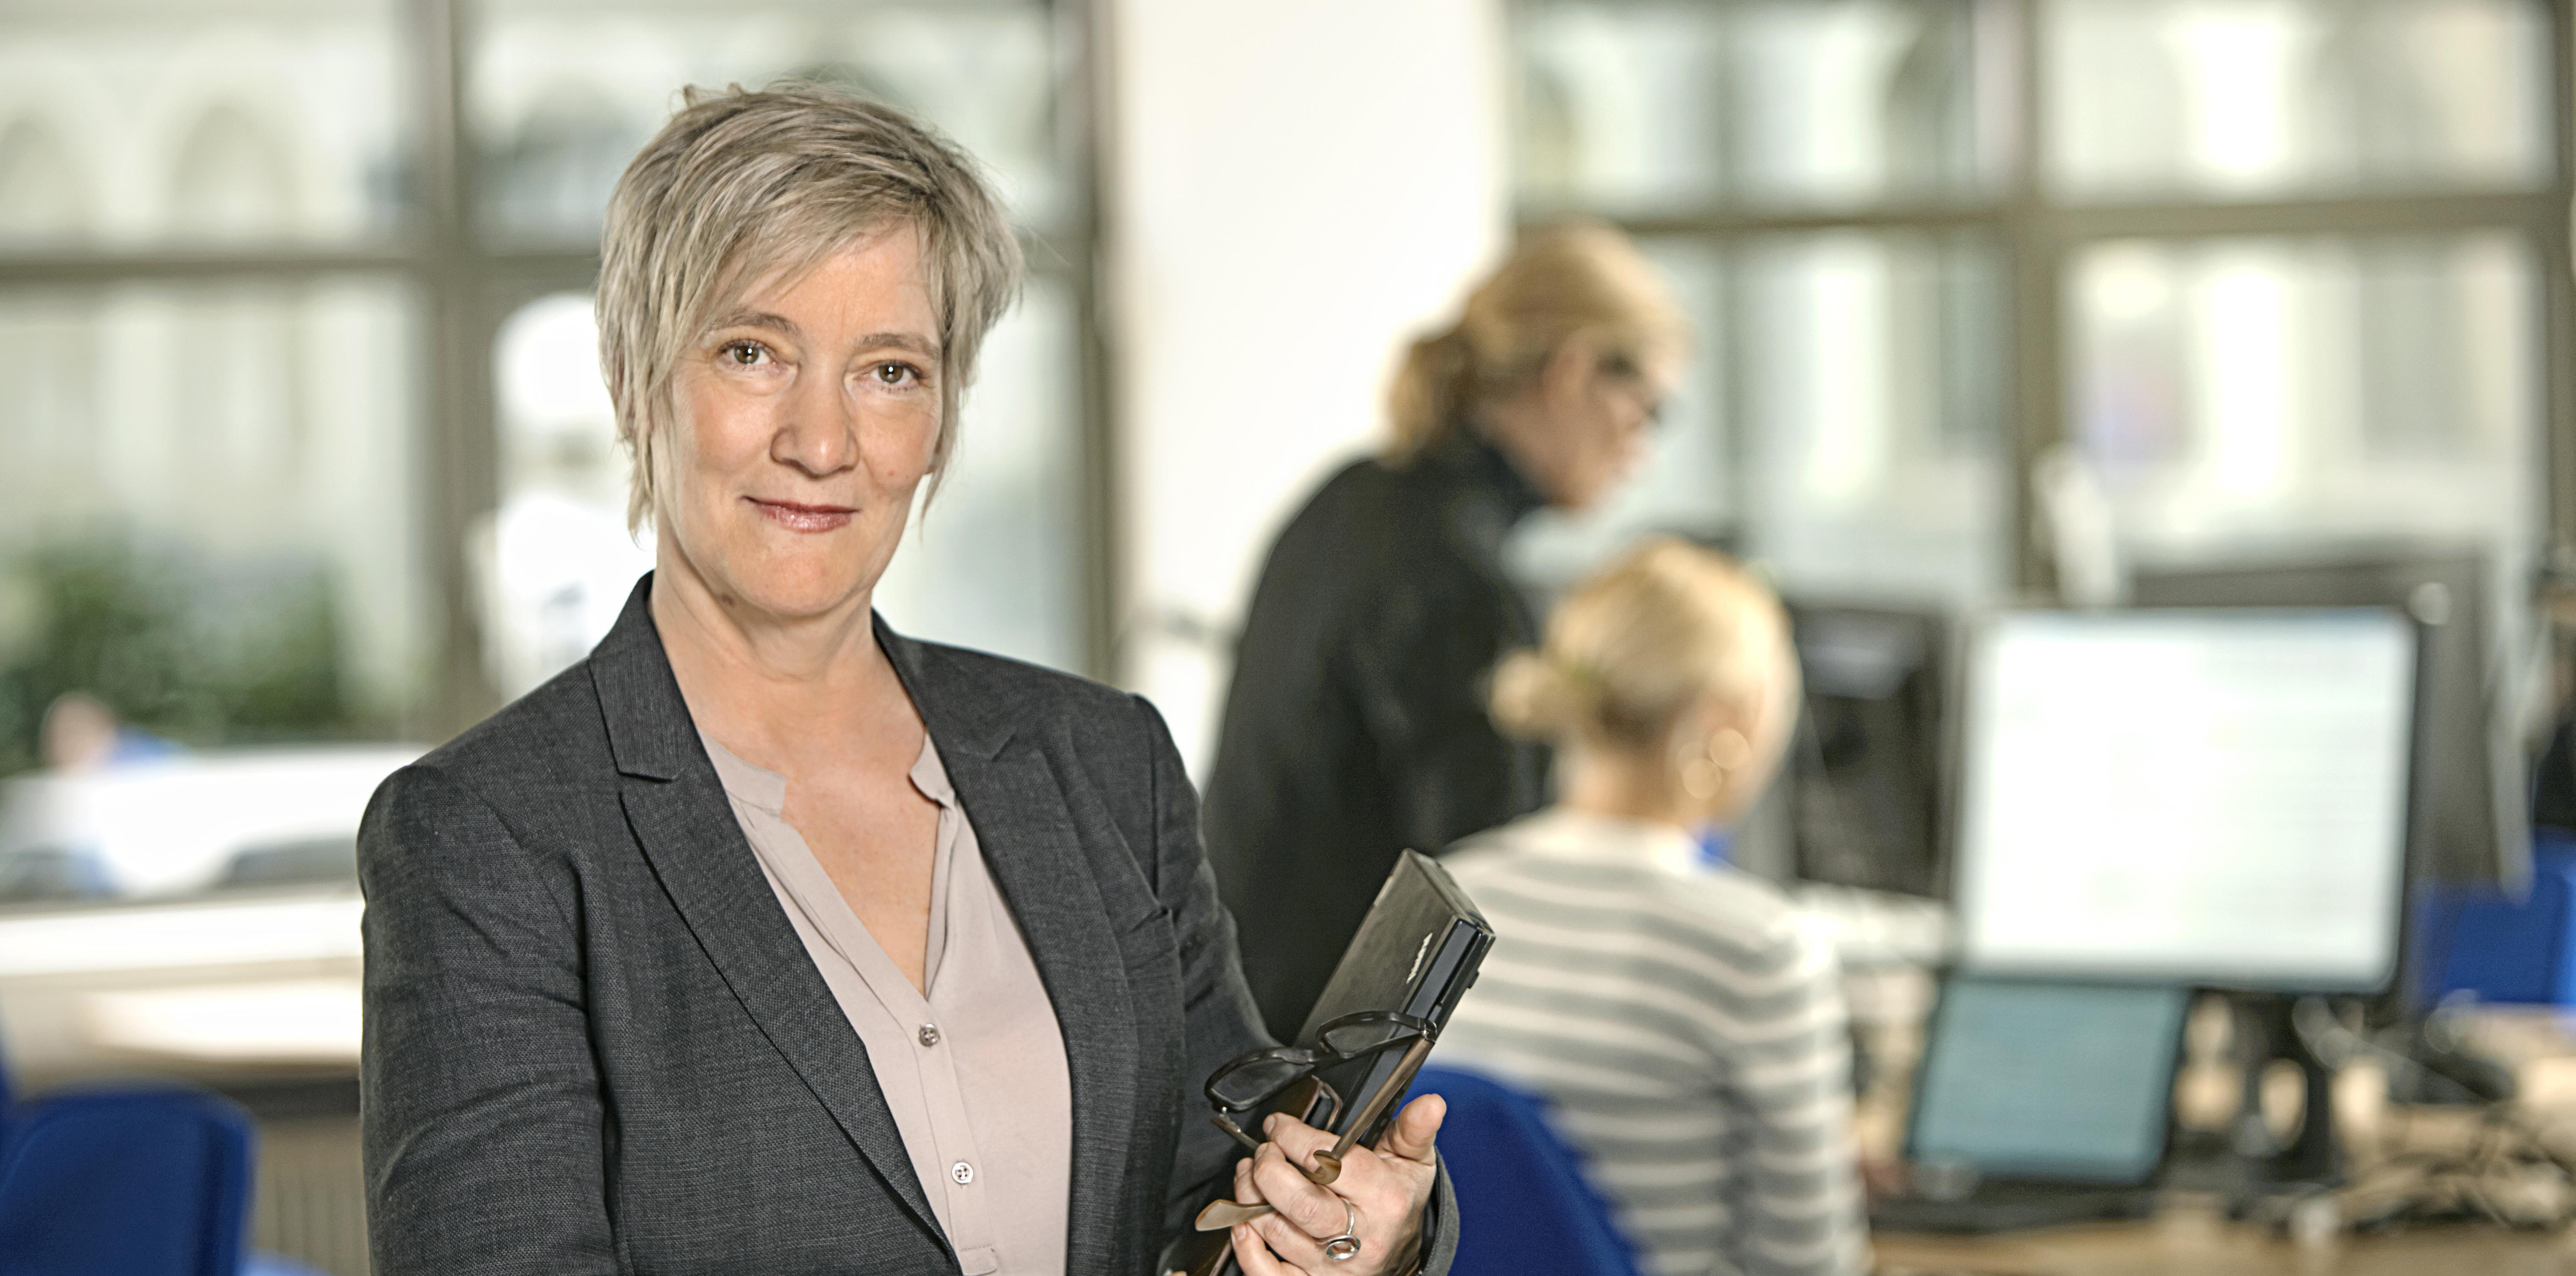 Epic-hankkeen johtaja Gitte Fangel